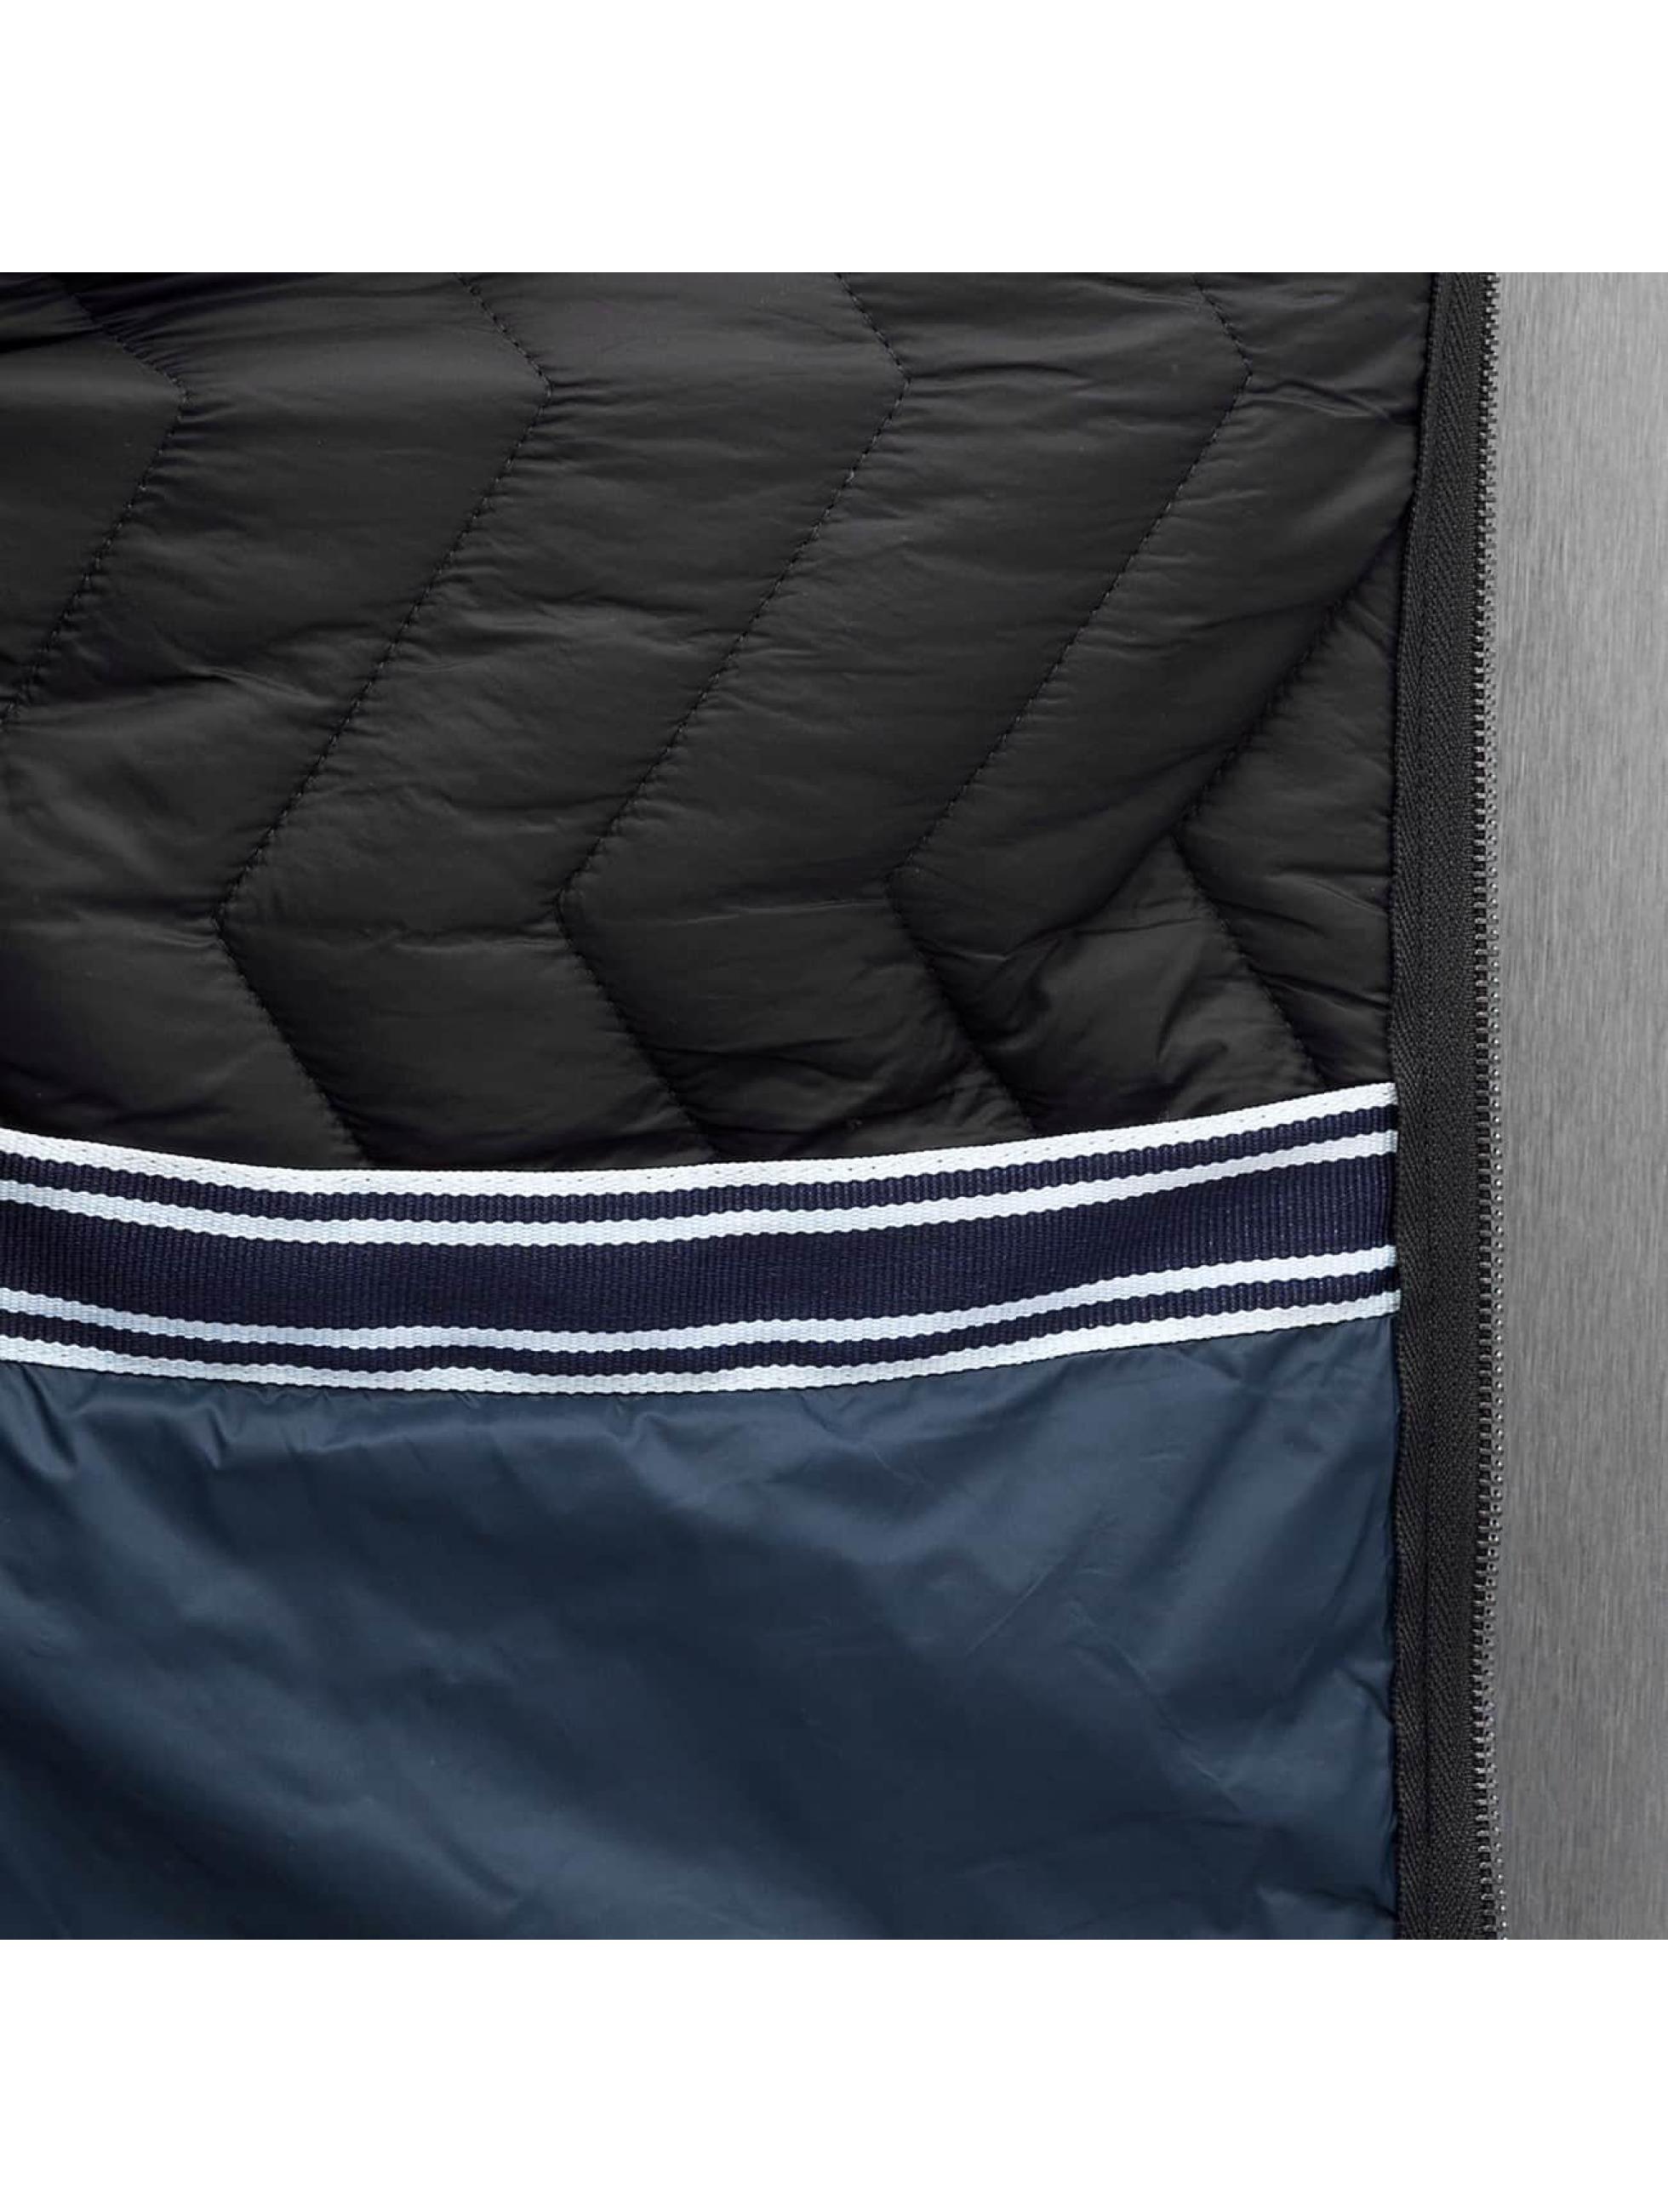 SHINE Original Vinterjakke Quilted blå